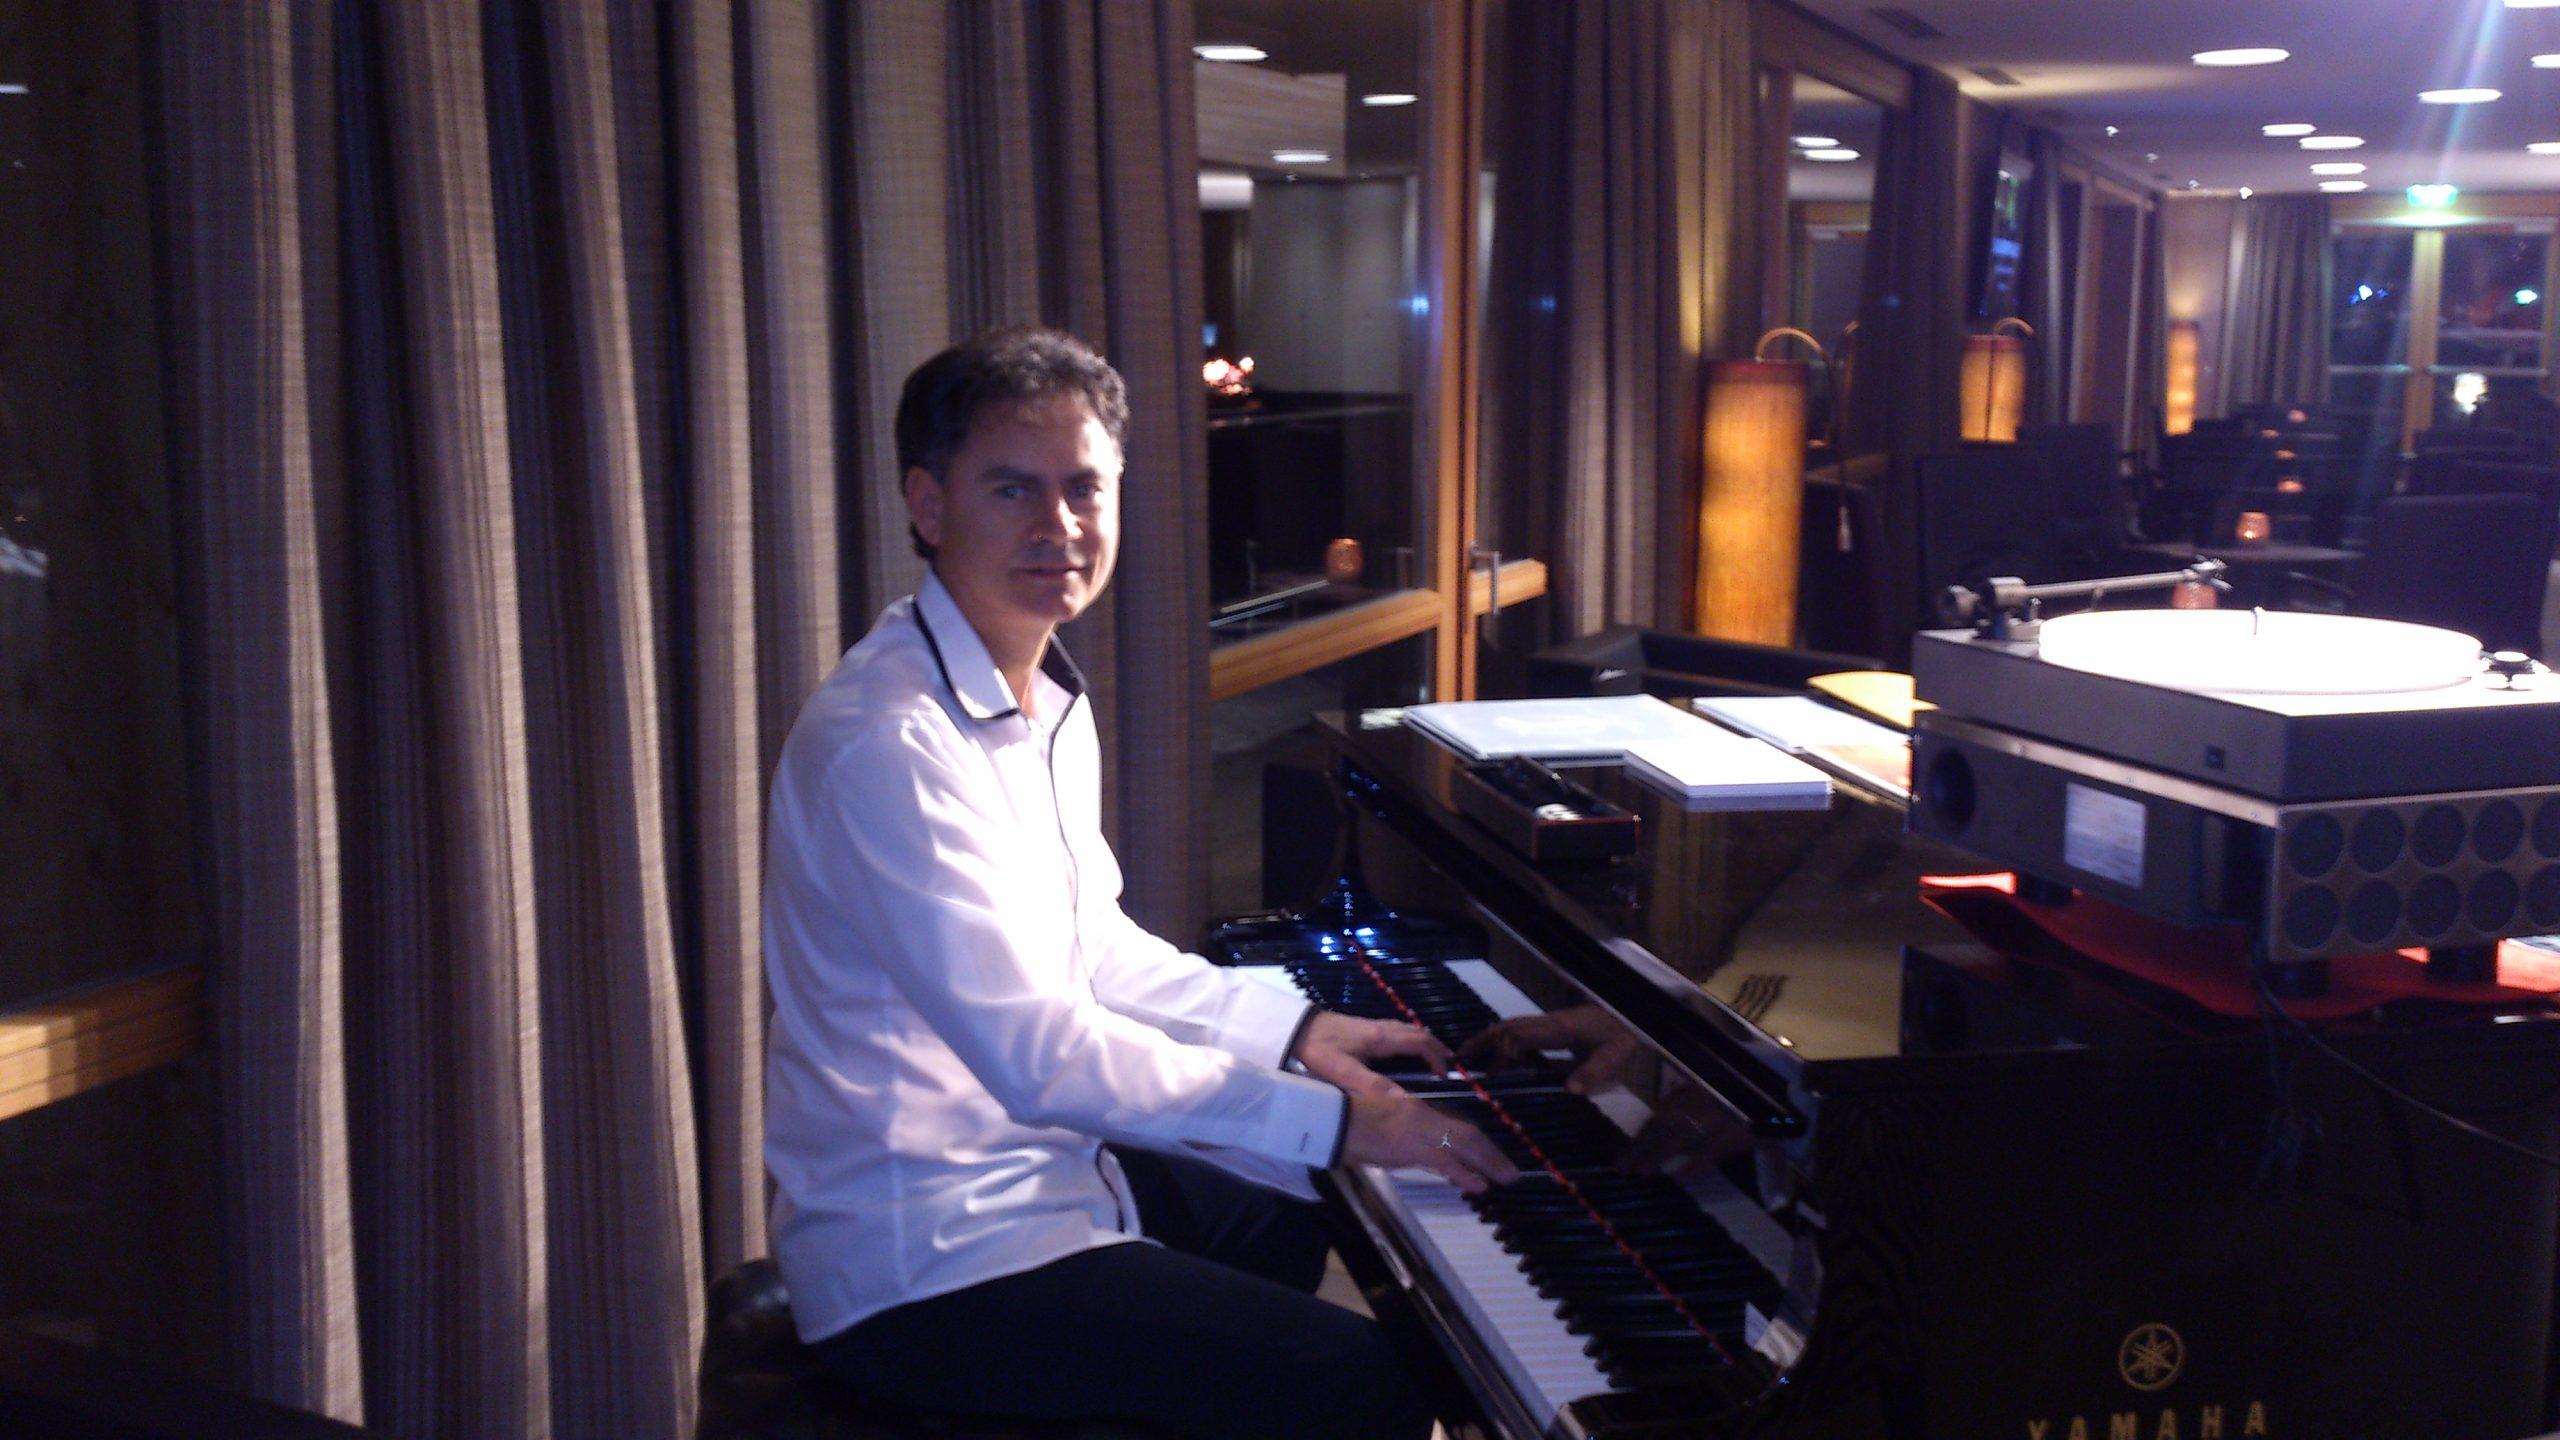 Sänger und Pianist Adam